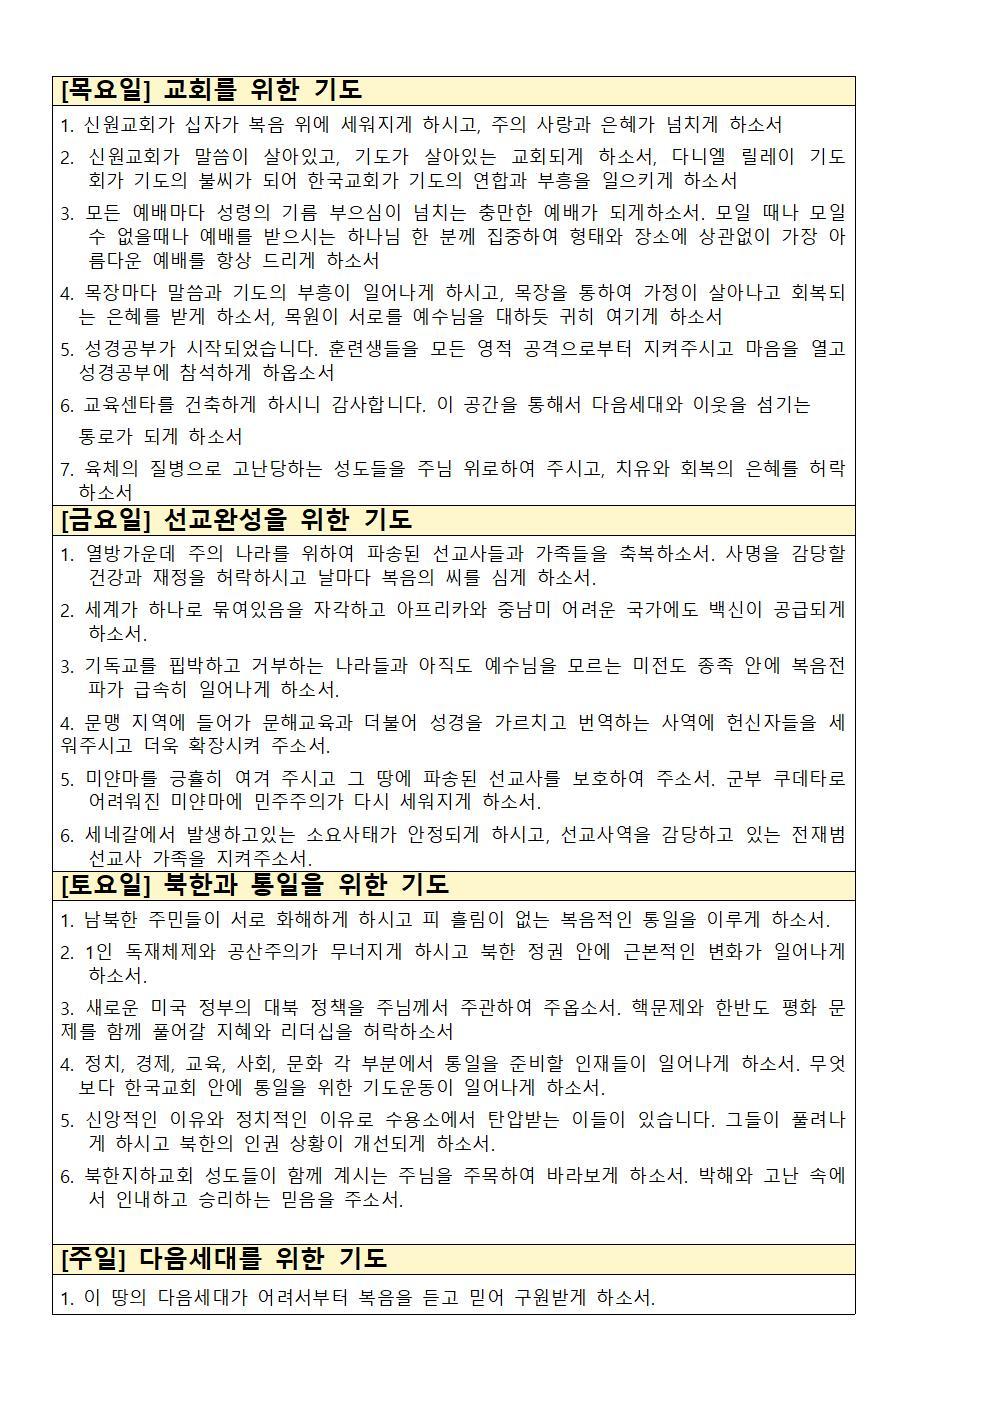 주간기도제목(4월 11~4월 17일)002.jpg